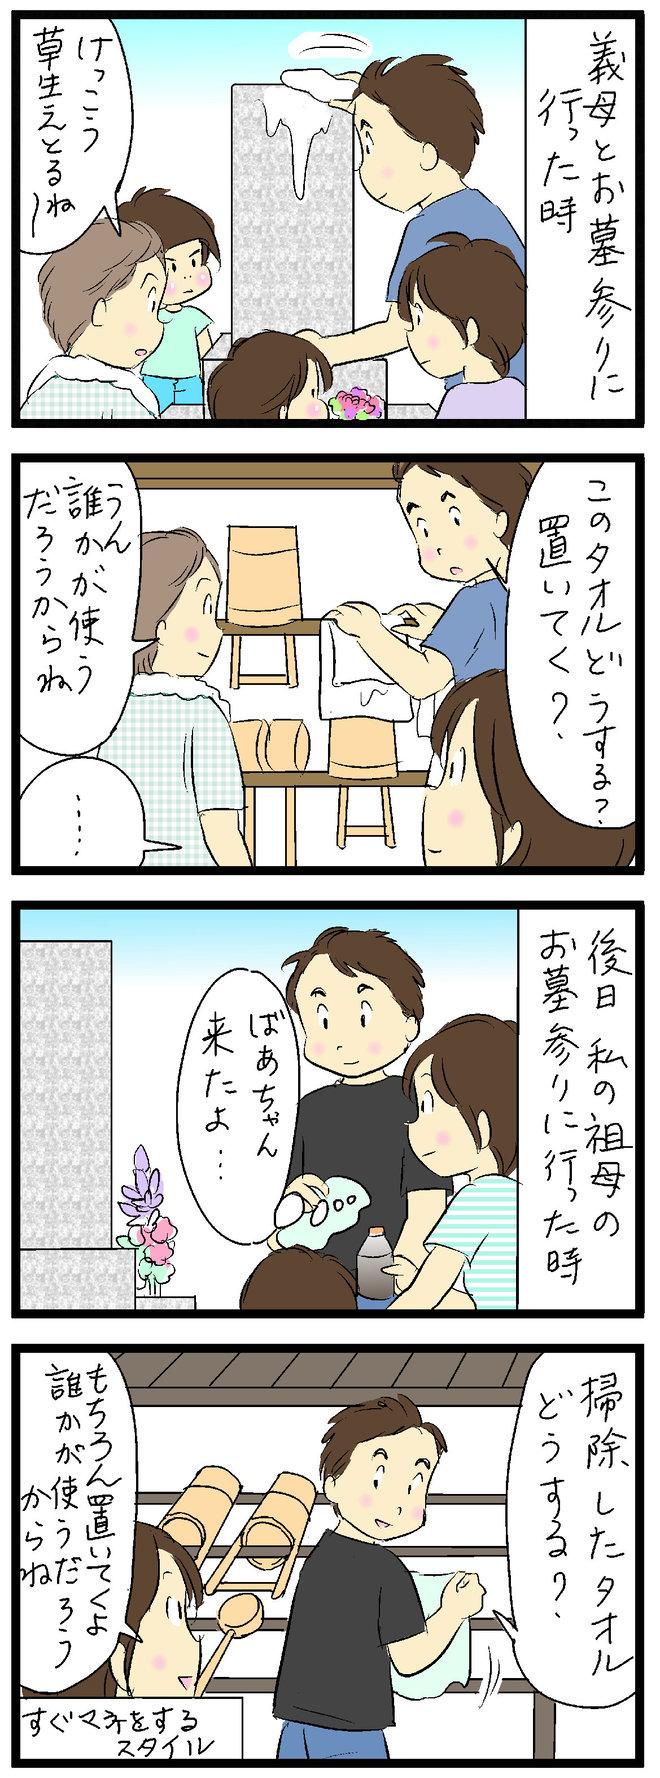 毎日46ラフ仕上げ最終 (1).jpg